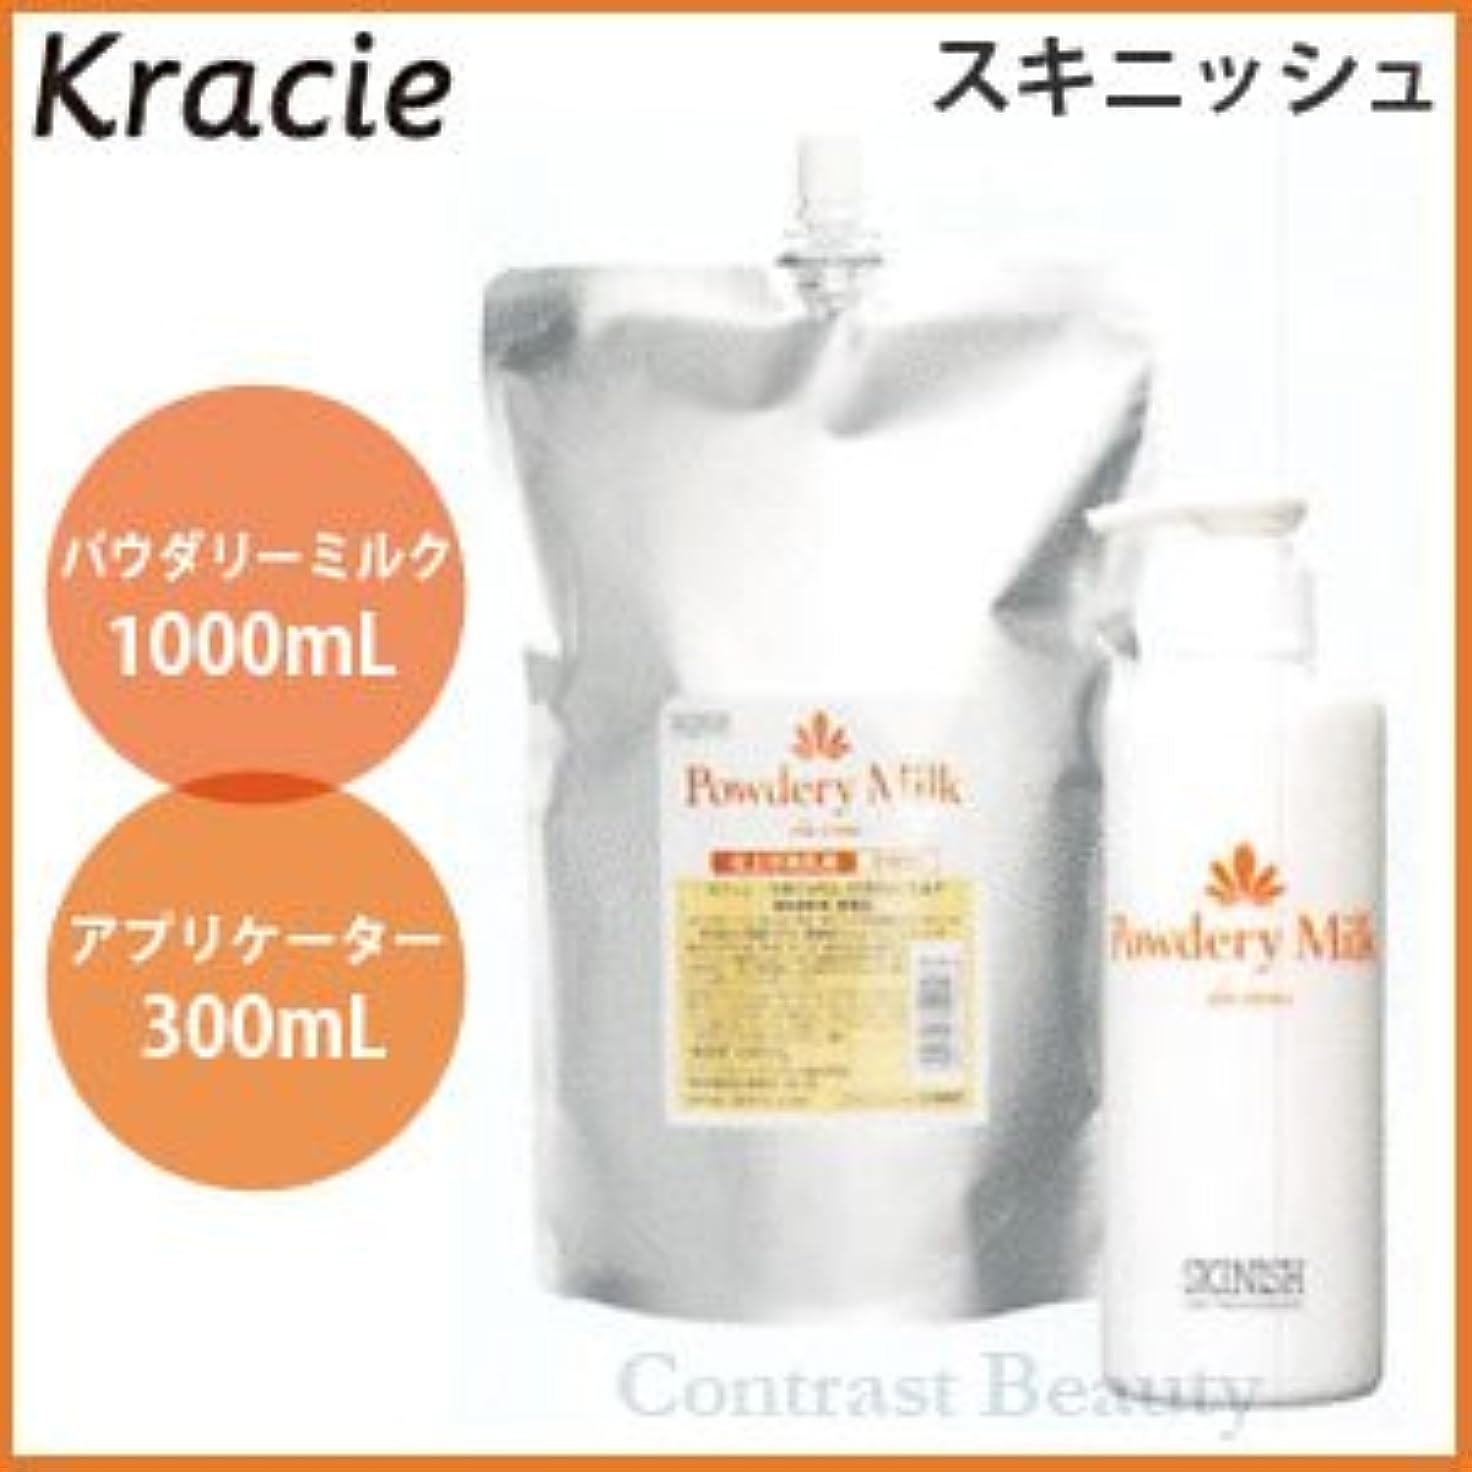 クラシエ スキニッシュ パウダリーミルク 1000ml 詰替え用 & アプリケーター 300ml